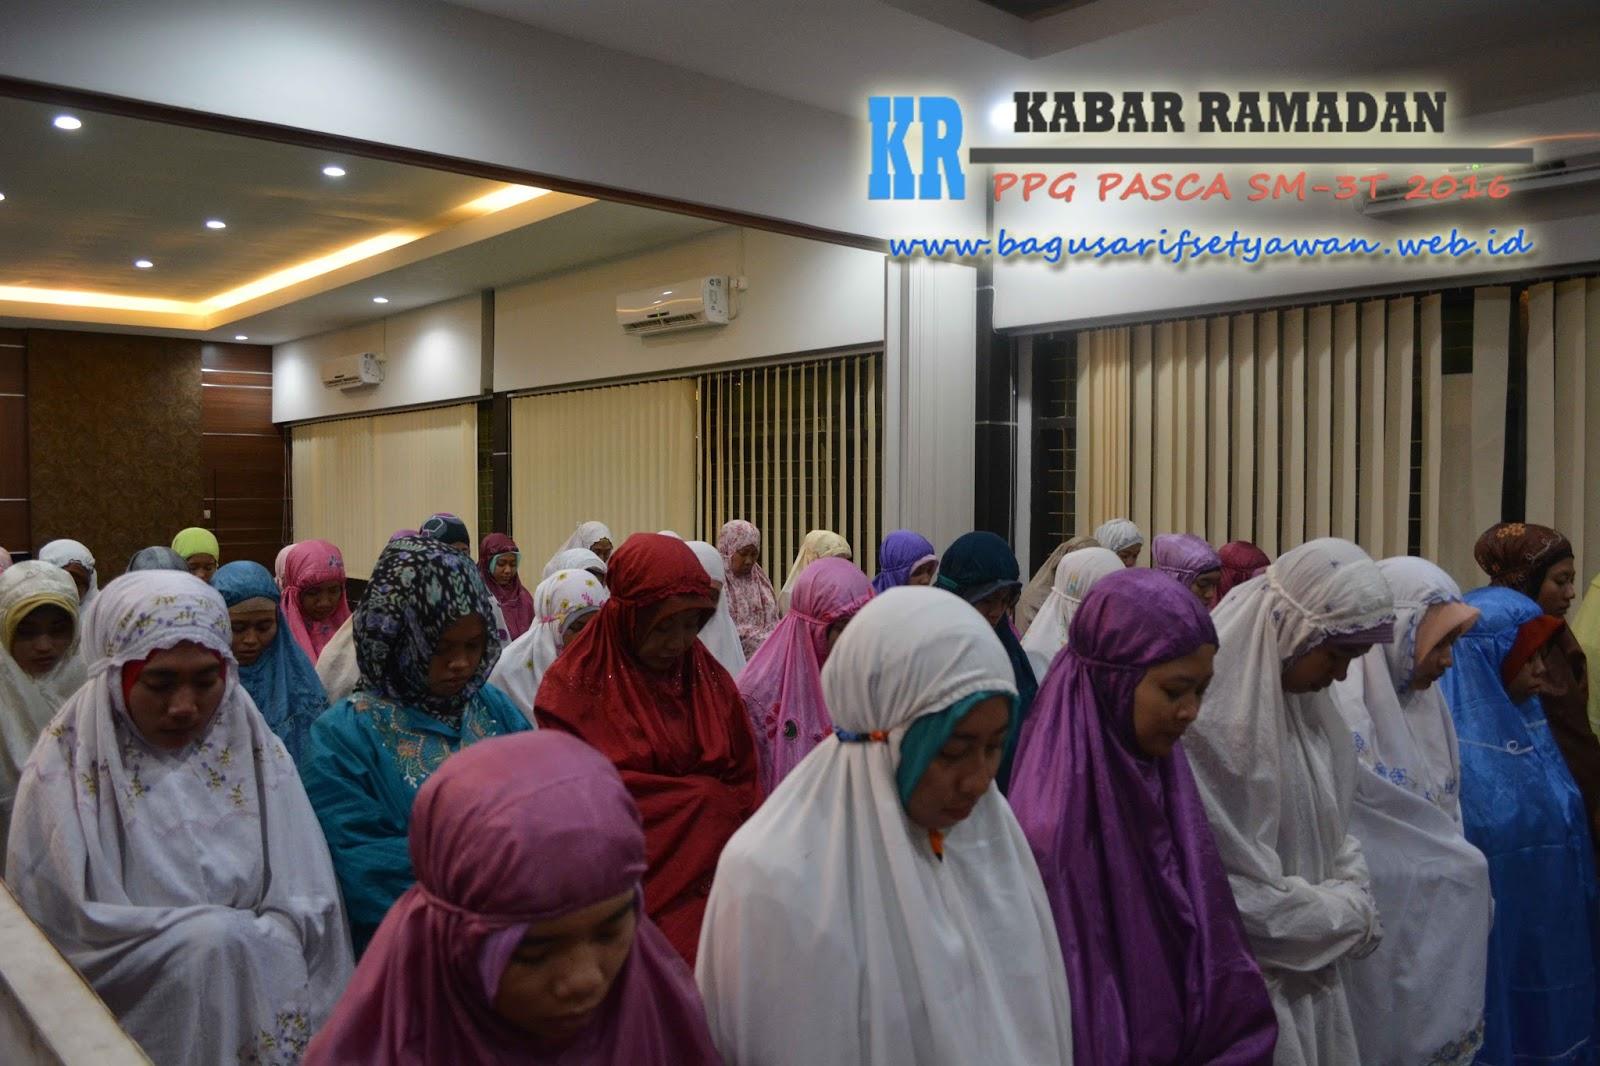 Kabar Ramadan: Buka Bersama - Sholat Taraweh bersama LP3 UM